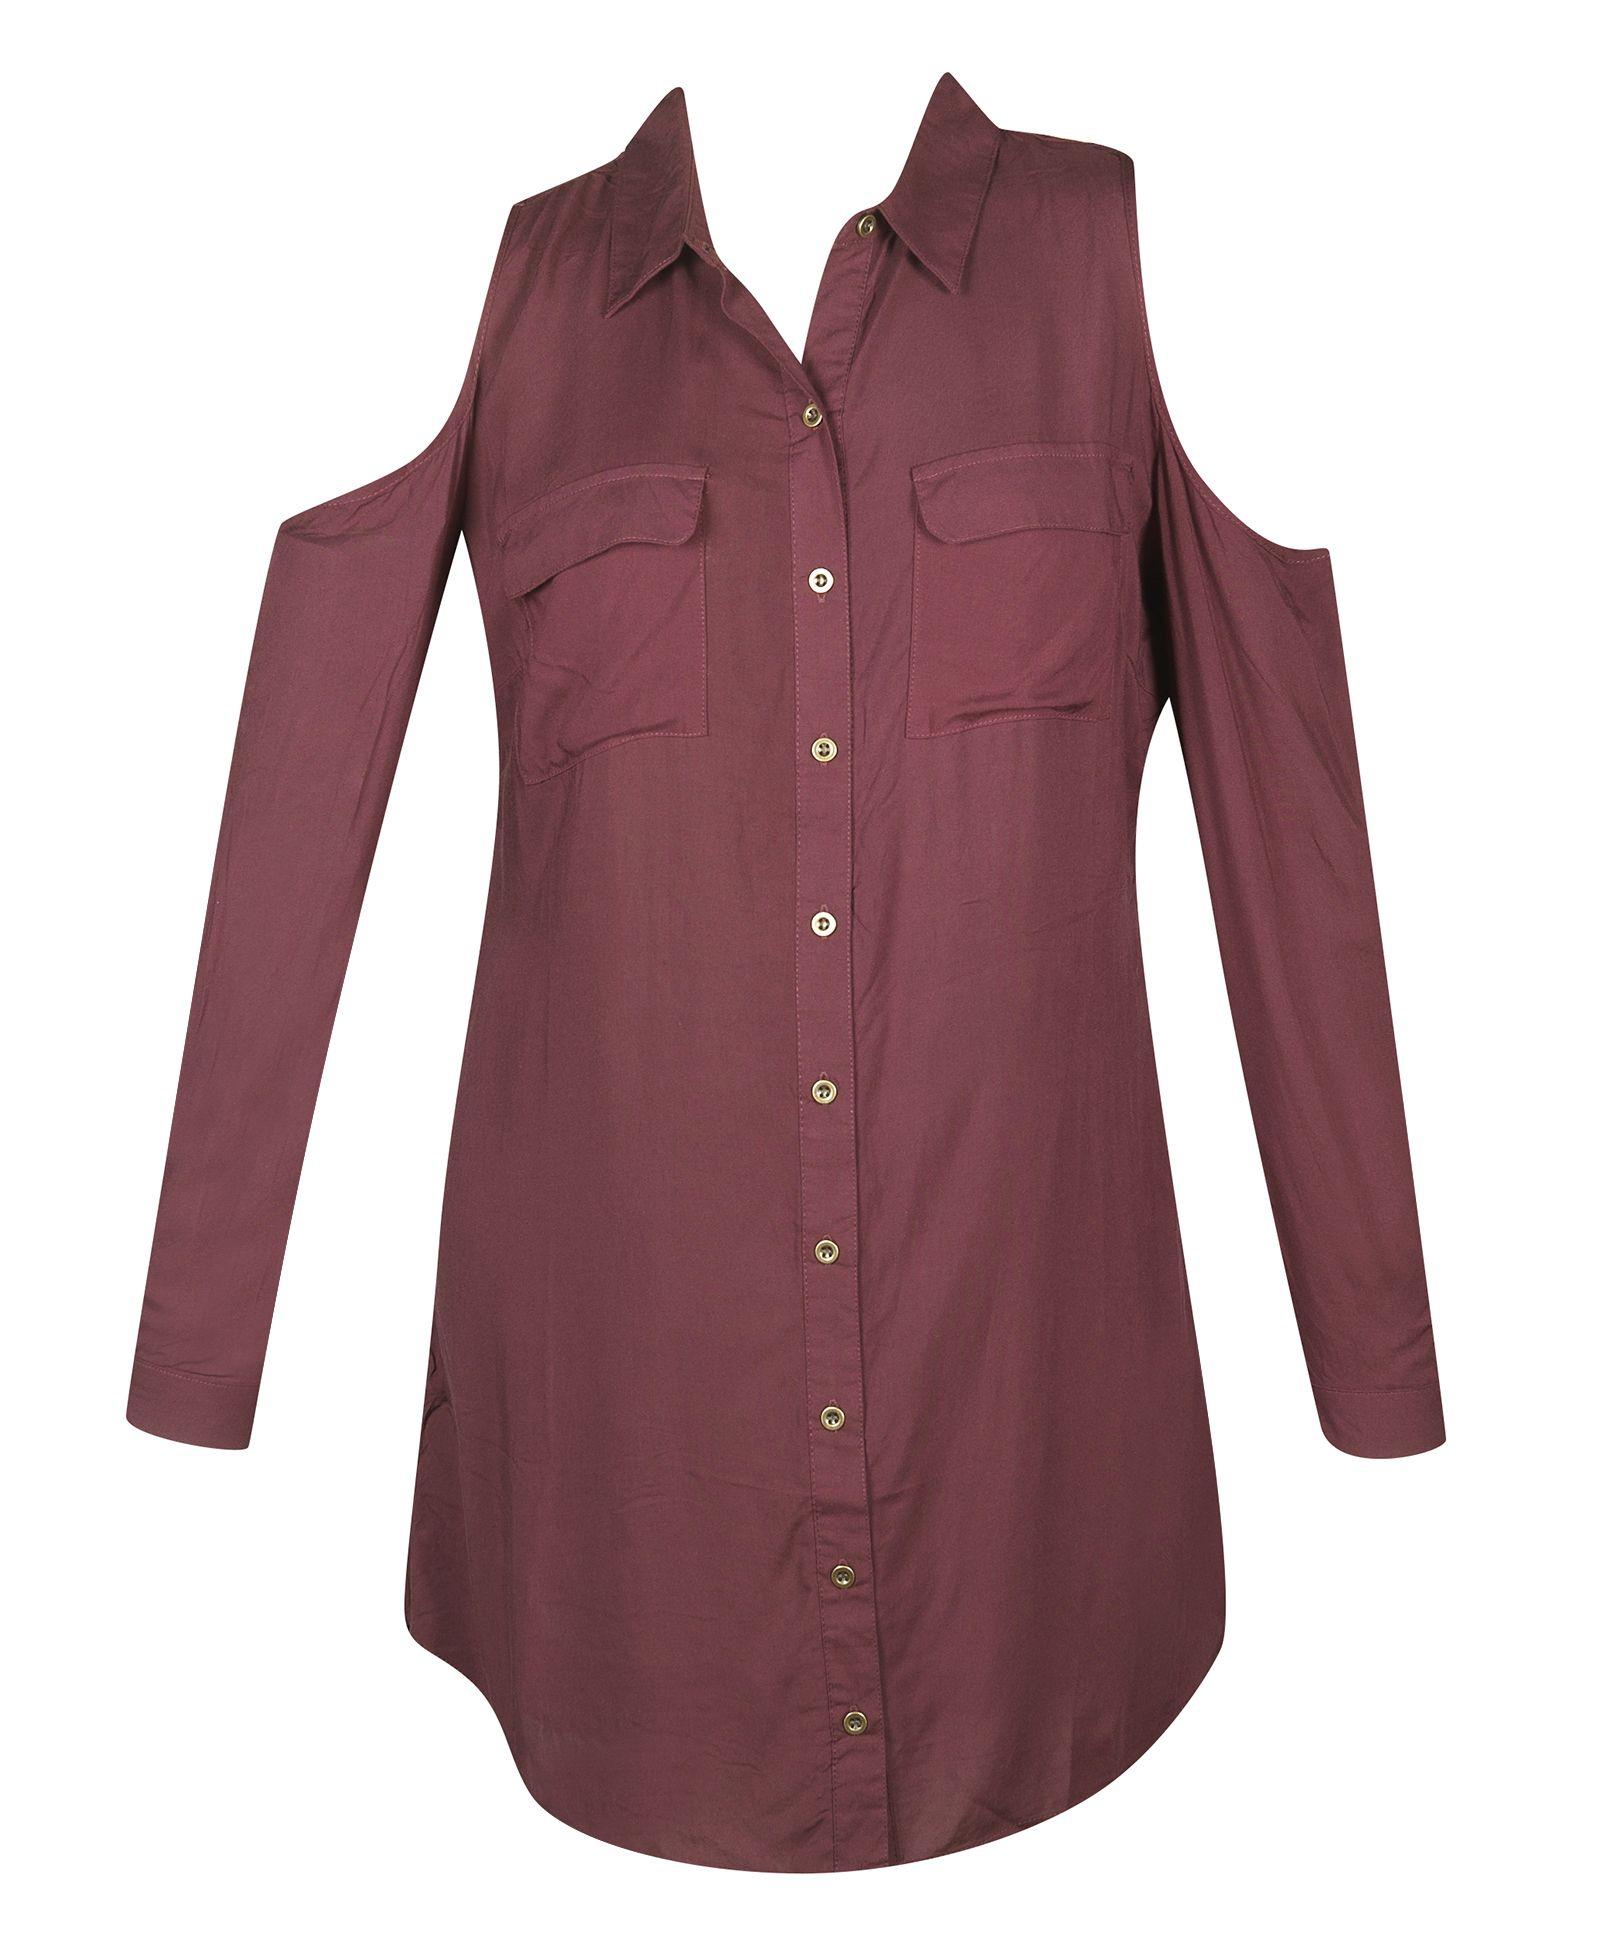 Wine cold shoulder shirt dress cold shoulder shirt dress has